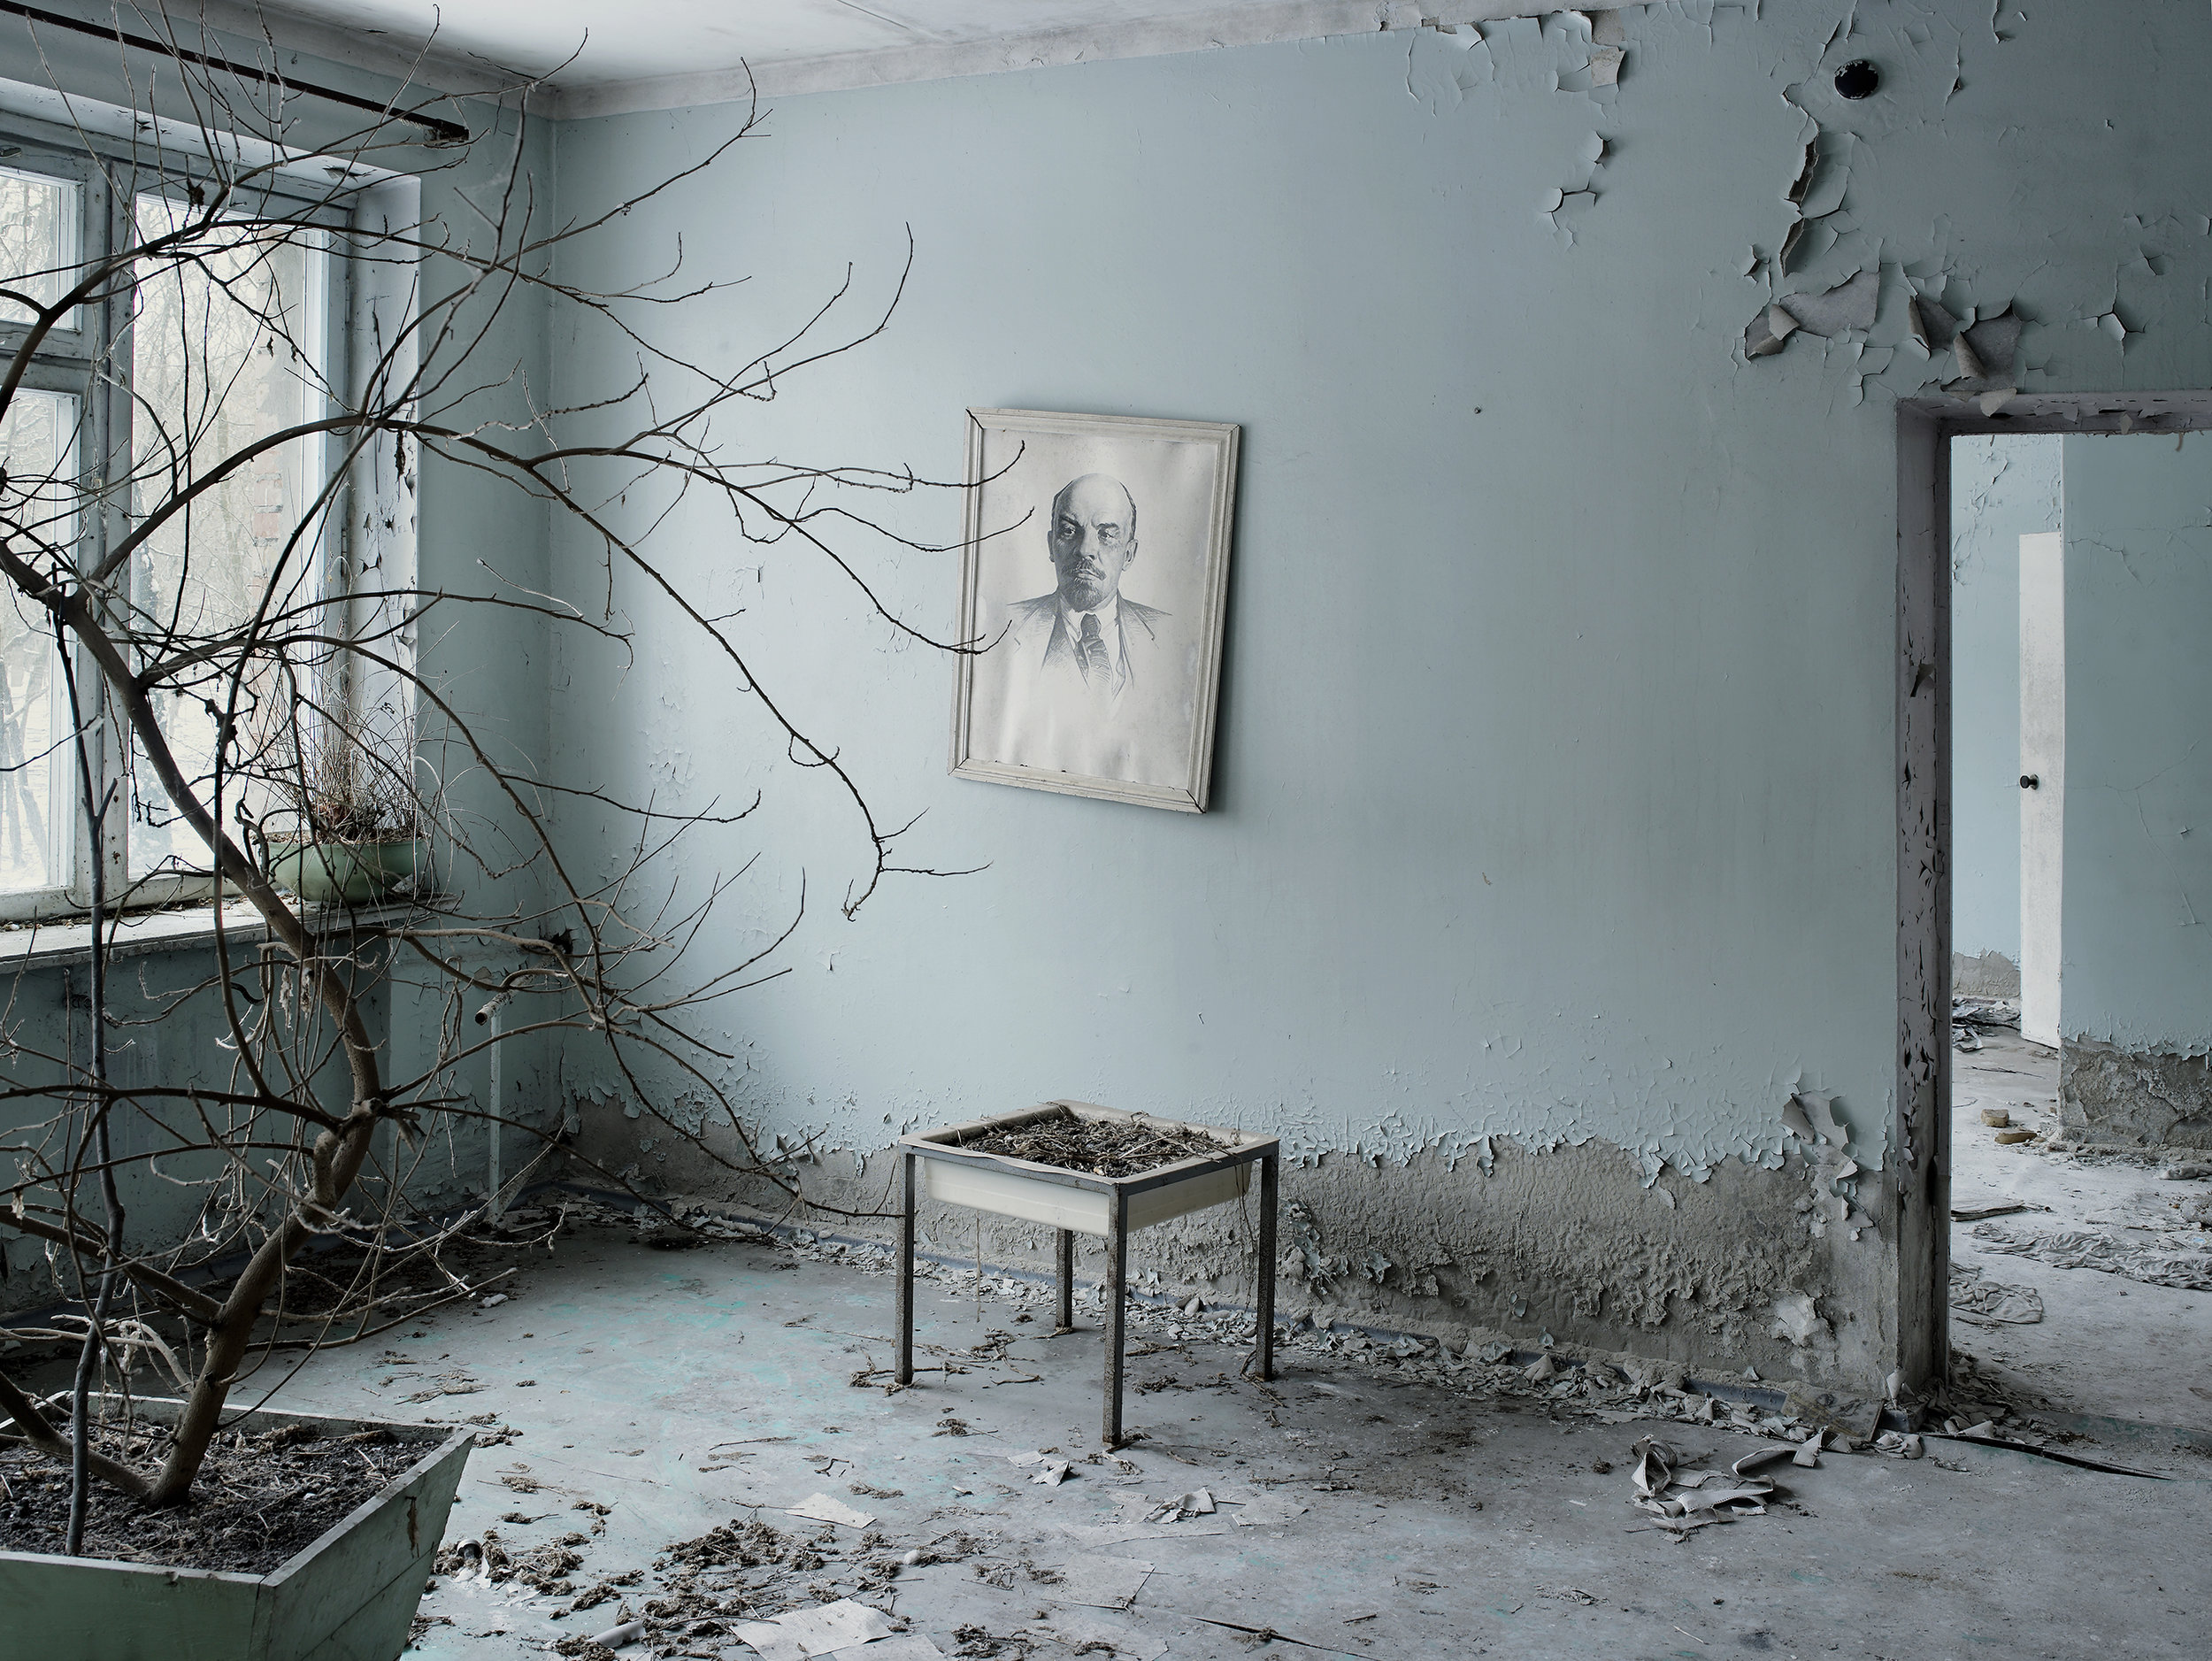 Waiting room, Prypiat, Ukraine, 2007.